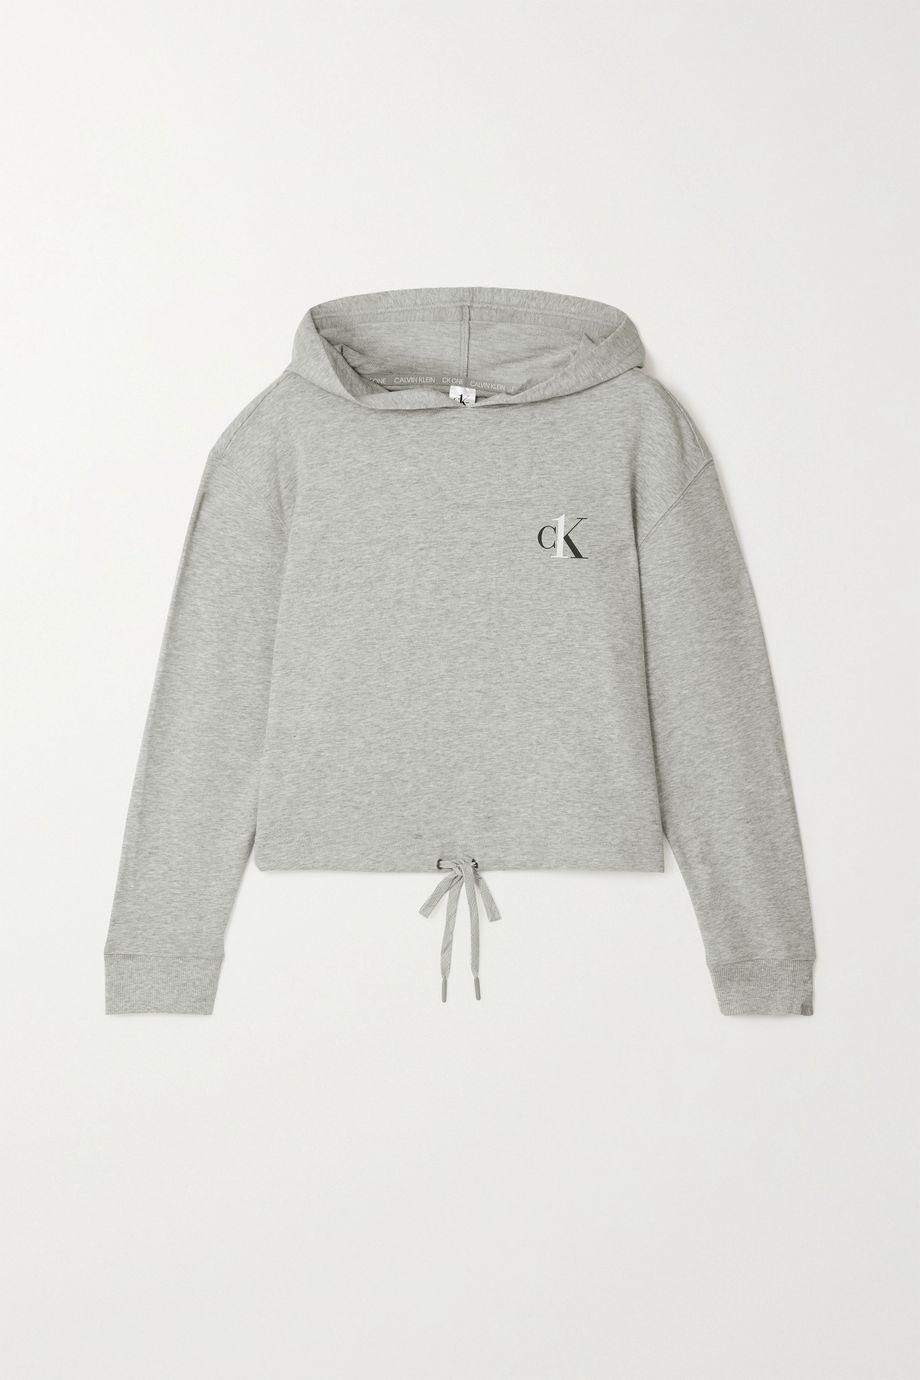 Calvin Klein Underwear Printed mélange cotton-blend jersey hoodie